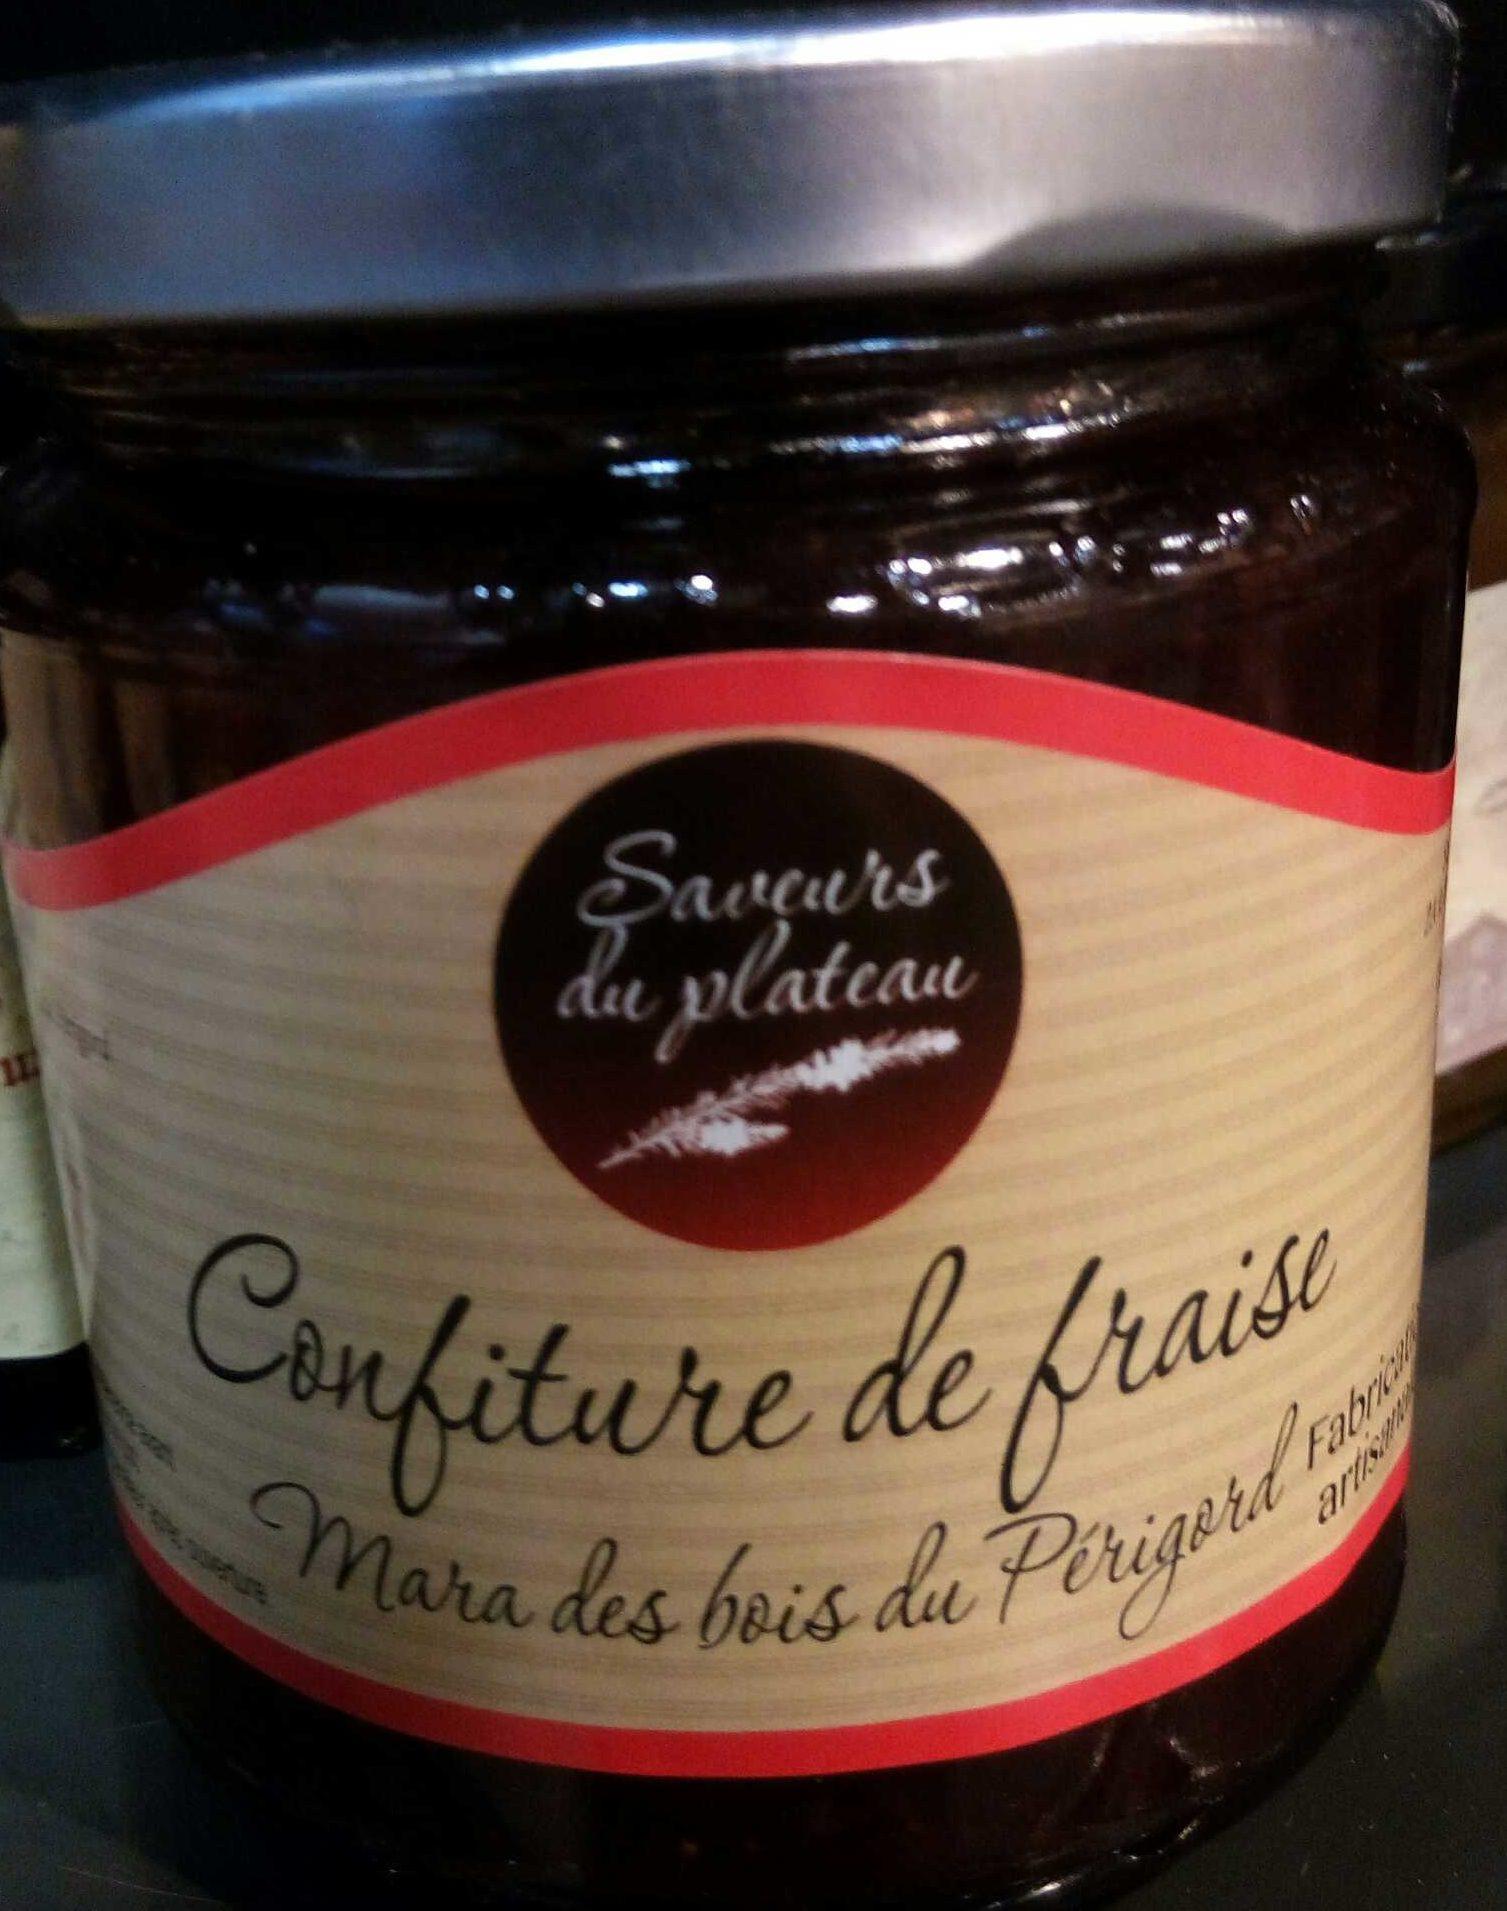 Confiture de fraise mara des bois du Périgord  Saveurs du